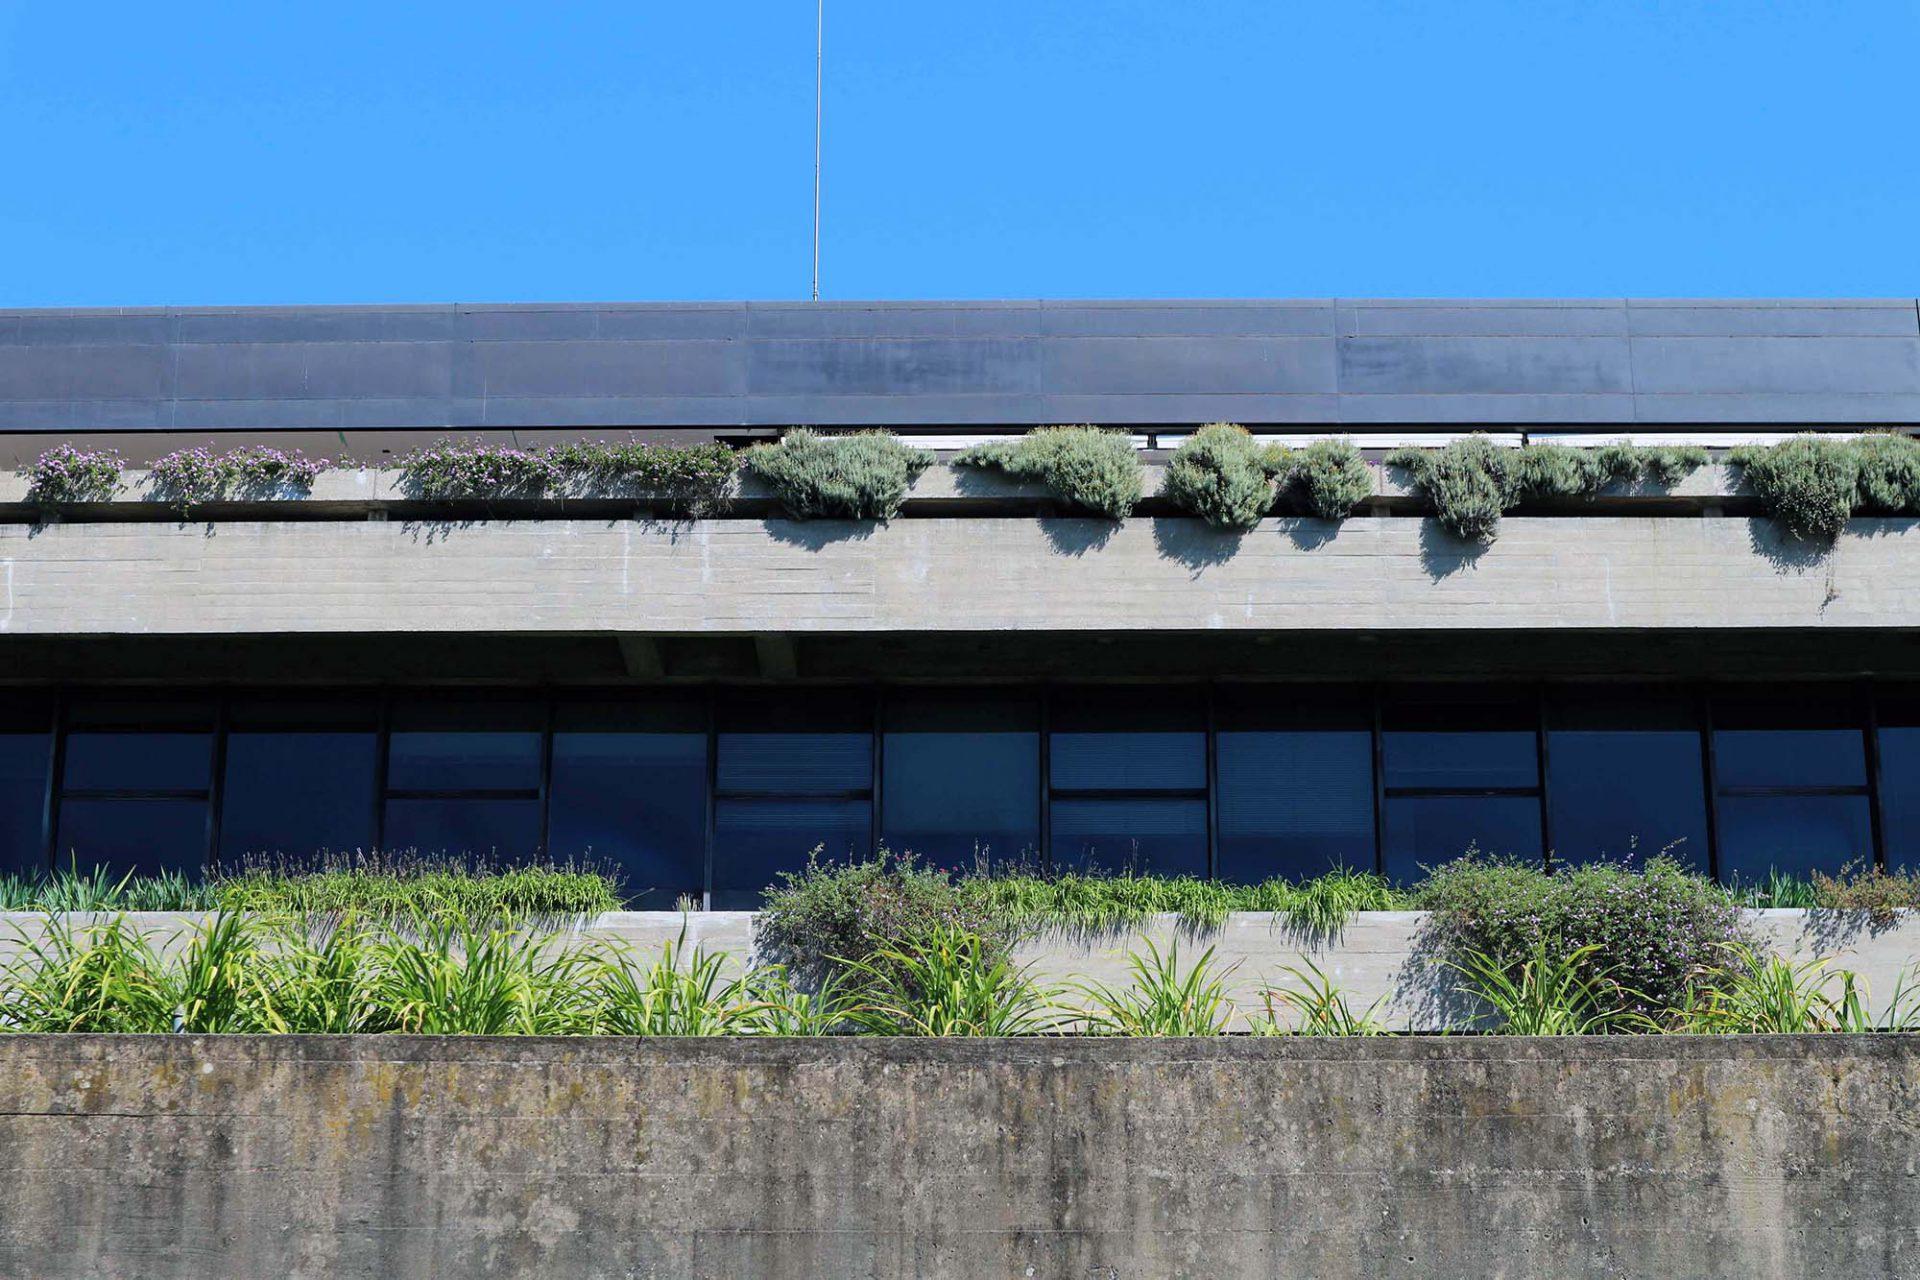 Die Materialien. Die Einfachheit und Strenge der Architektur zeigt sich auch in der Wahl der Materialien. Die Fassade bestimmen Sichtbeton und Granit. Die Fenster bestehen aus bronziertem Glas mit oxidierten Messingrahmen.